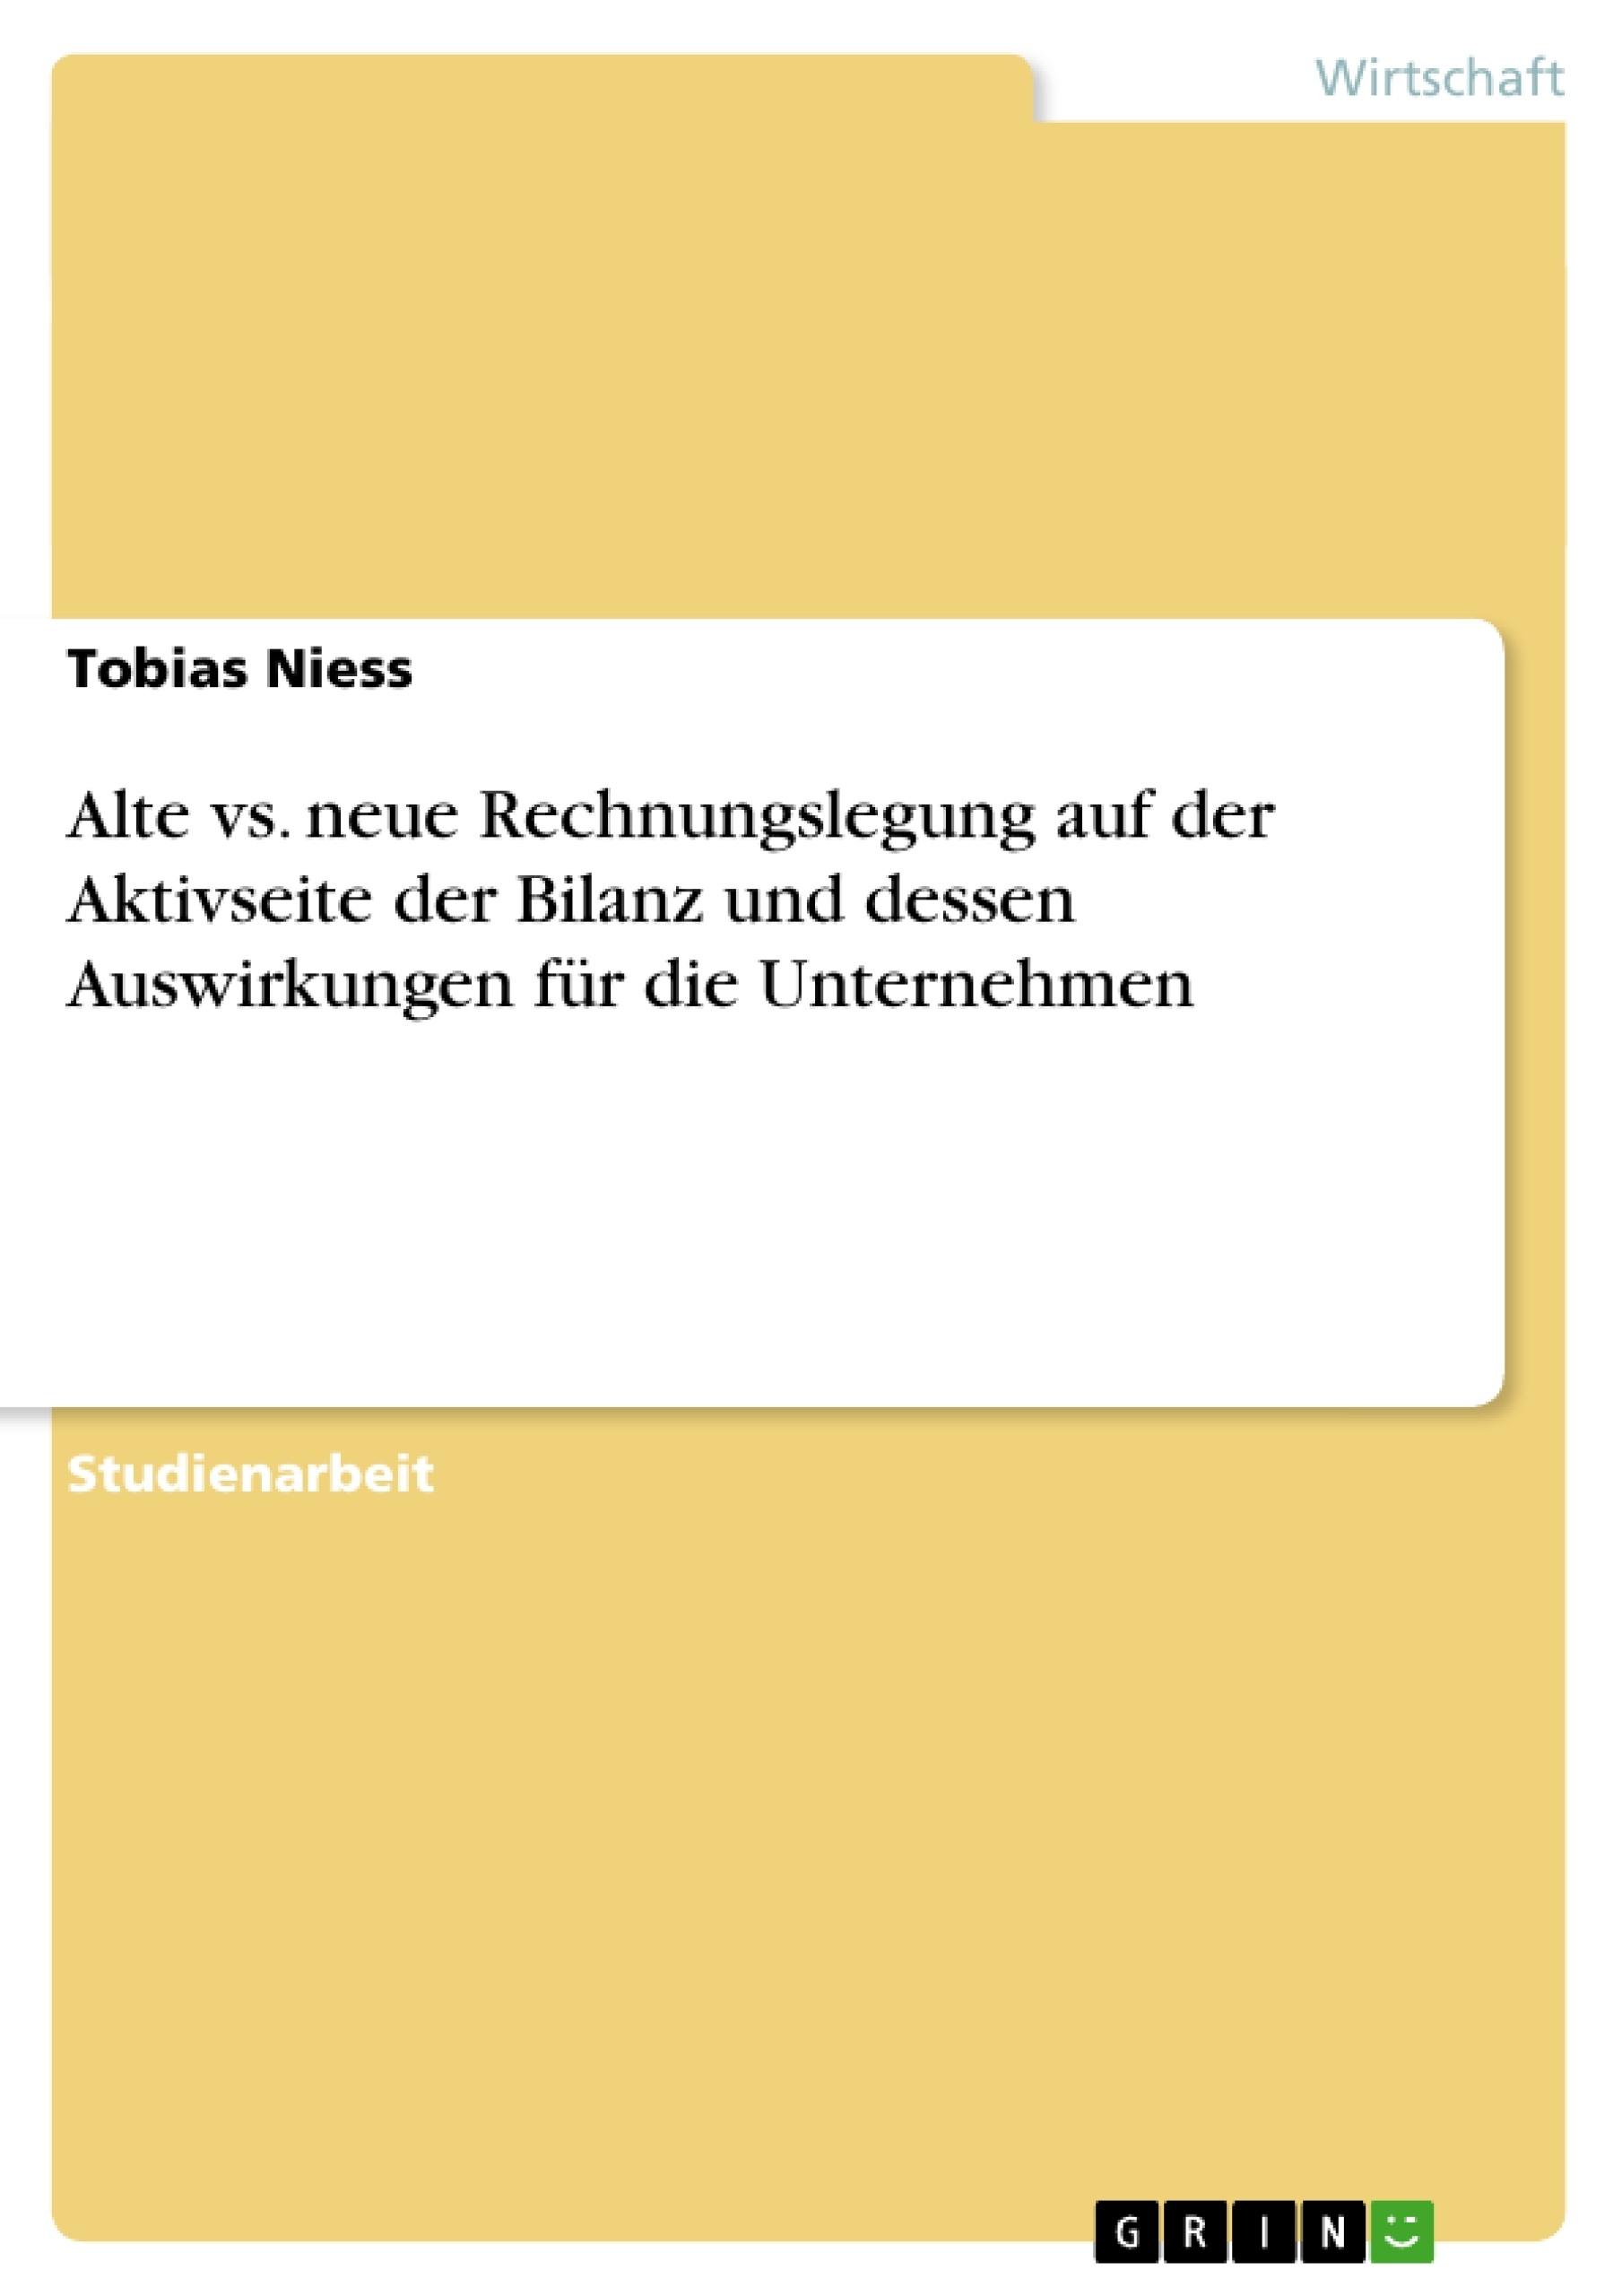 Titel: Alte vs. neue Rechnungslegung auf der Aktivseite der Bilanz und dessen Auswirkungen für die Unternehmen